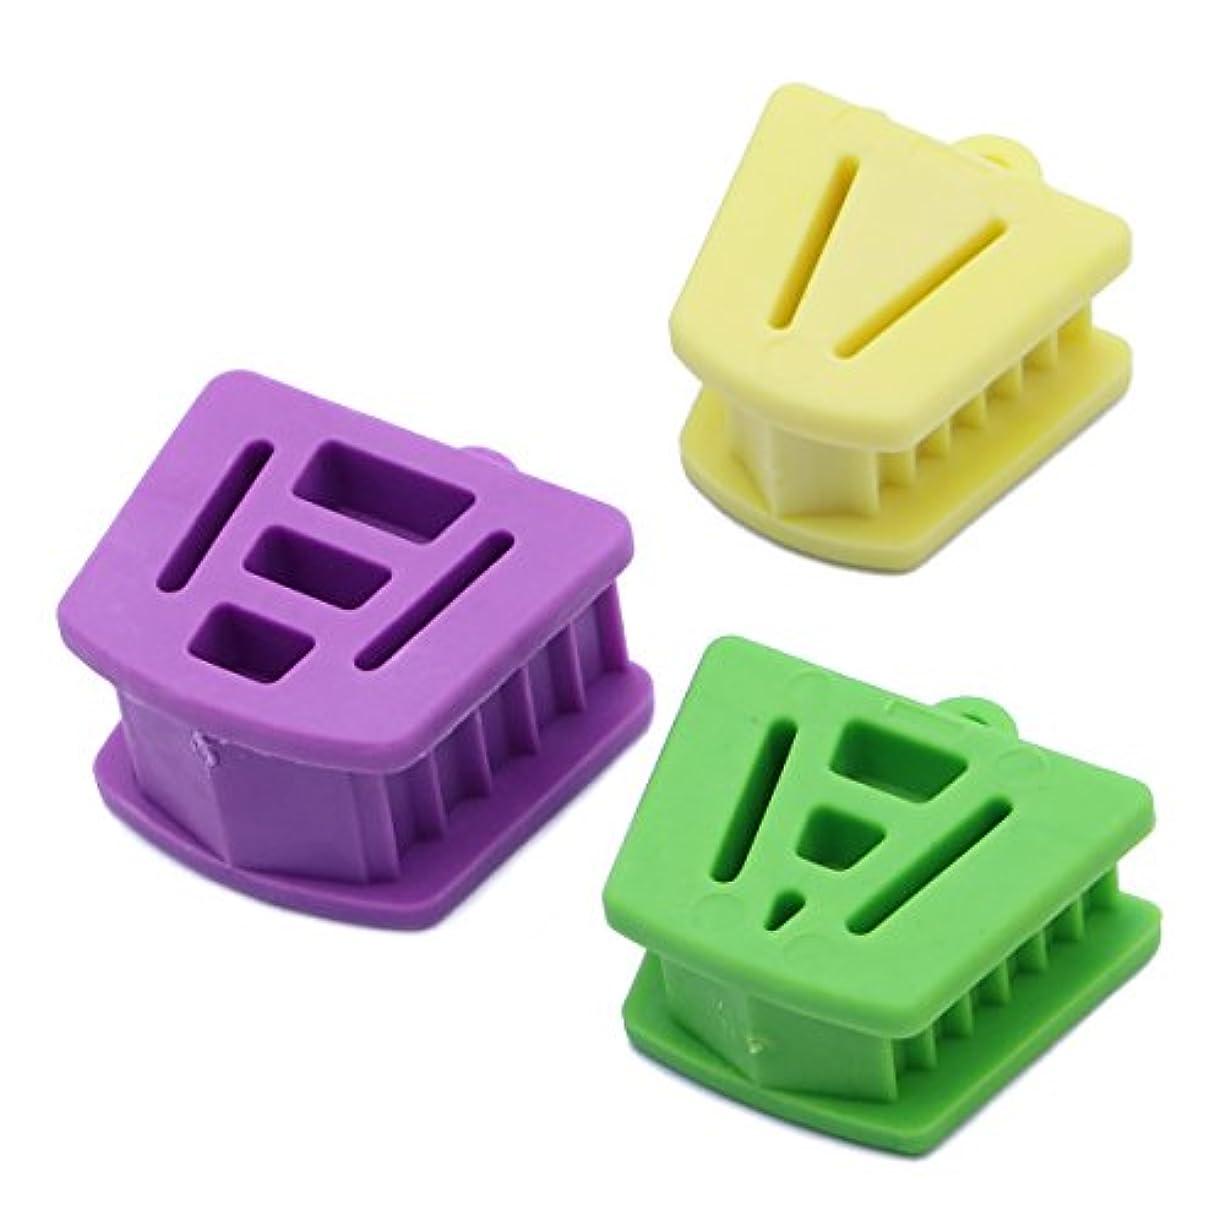 確認養う不公平Healifty 3個/パック口プロップバイトブロック歯科口腔内支持矯正用アクセサリー